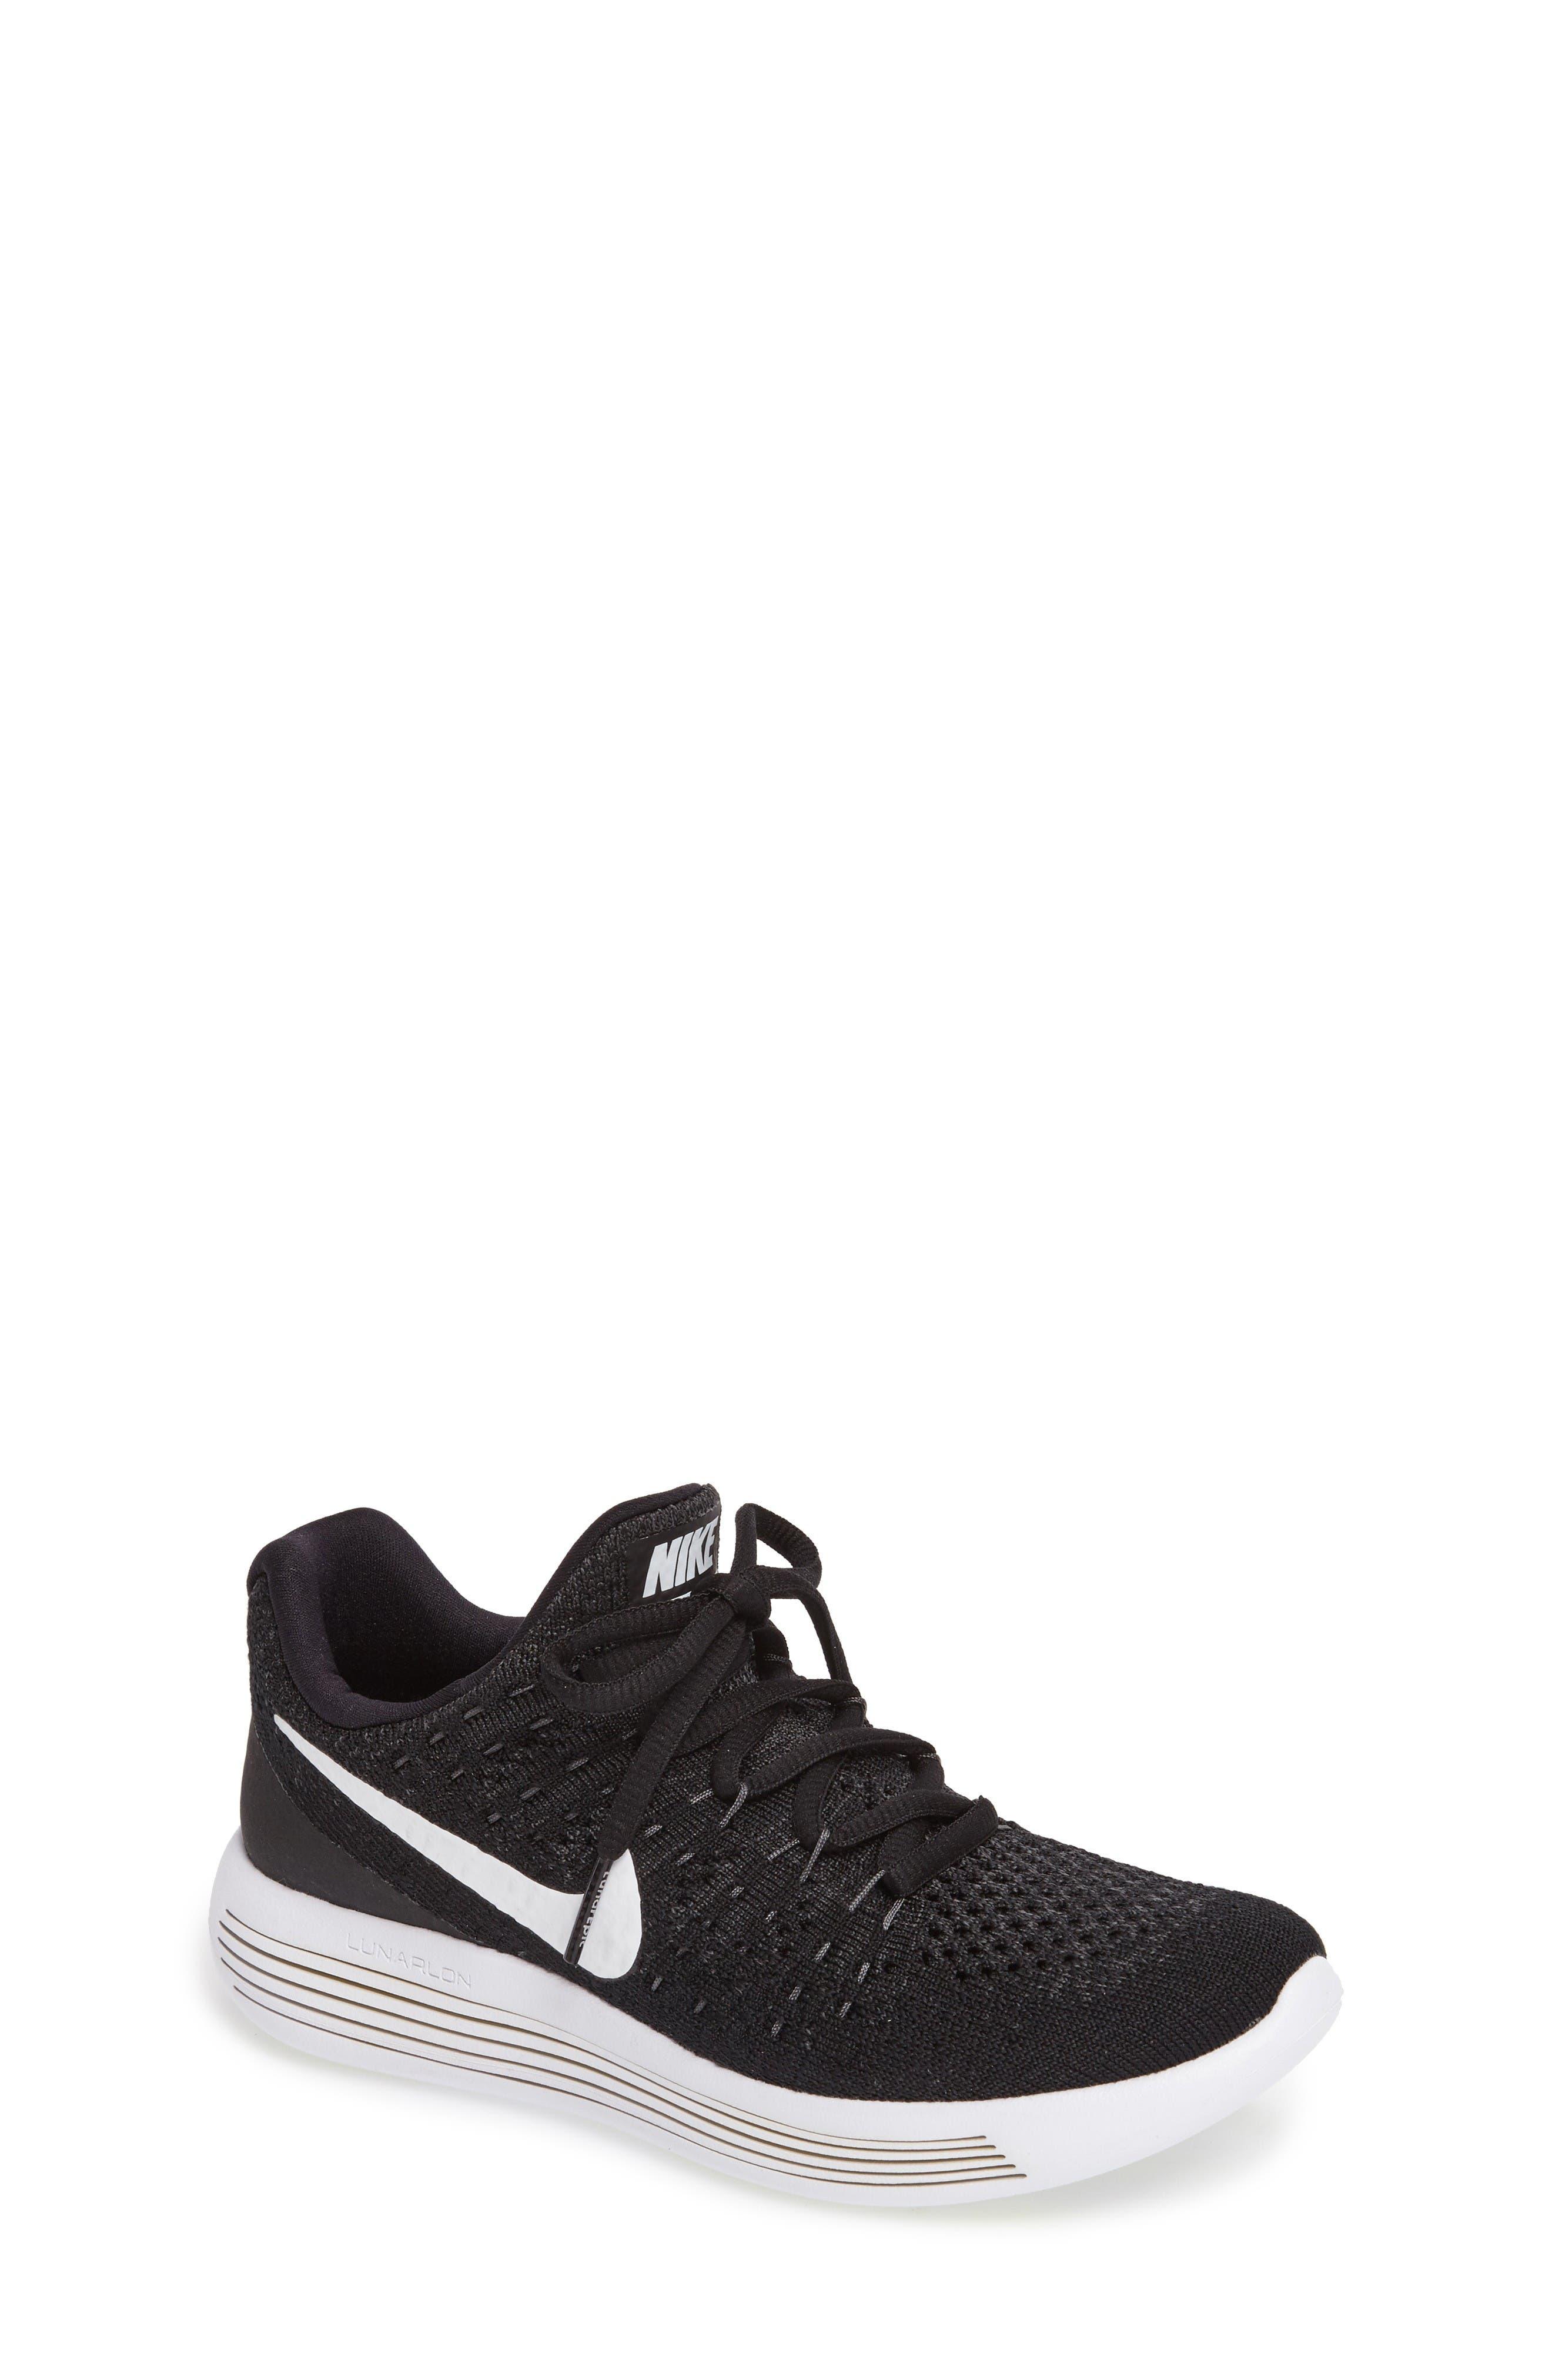 NIKE Flyknit LunarEpic Sneaker